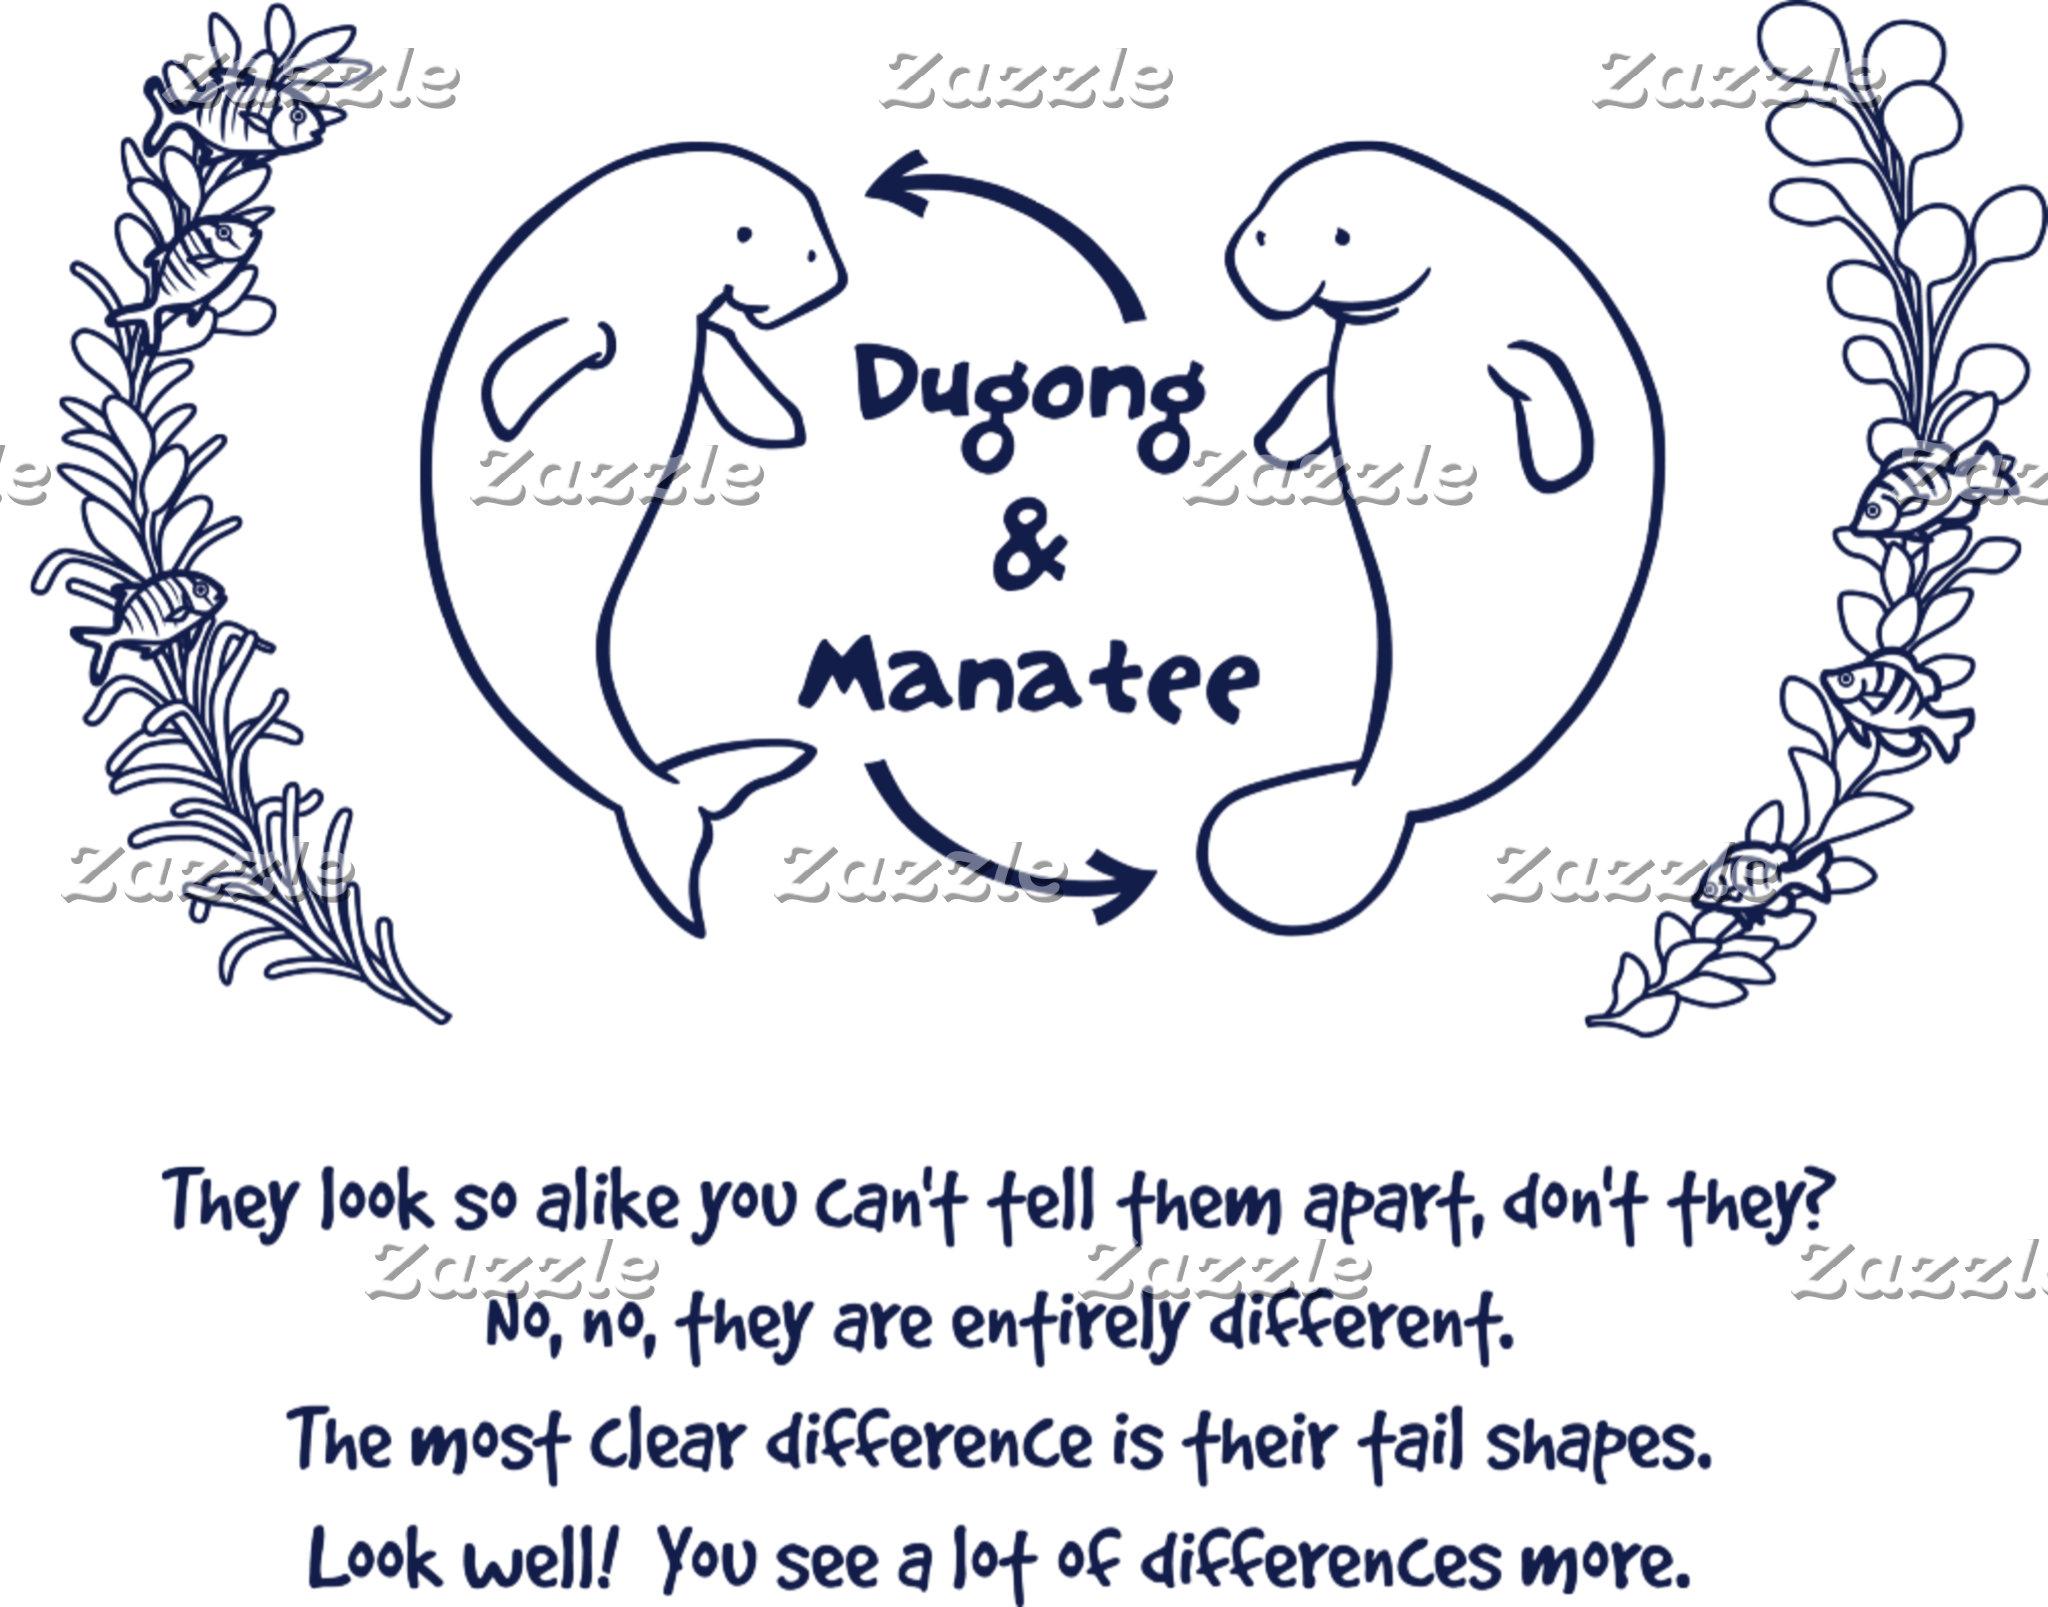 【ジュゴンとマナティー(紺)】 Dugong & Manatee (navy)